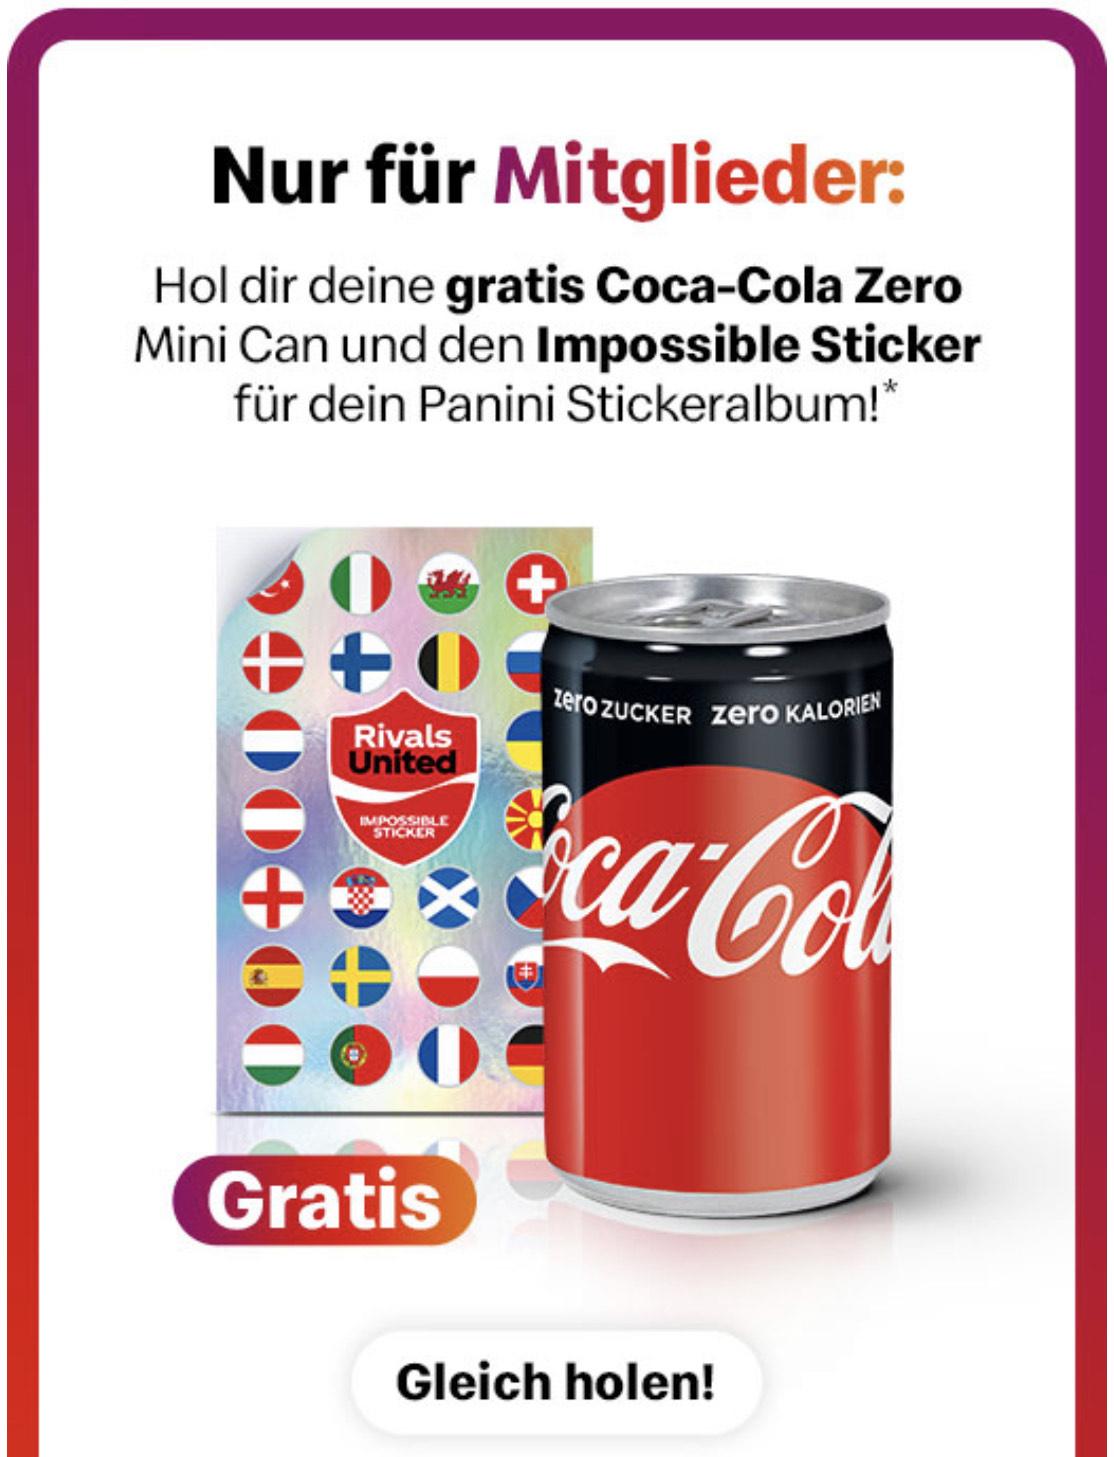 Gratis Coca-Cola Zero Mini Can und Impossible Sticker von Panini